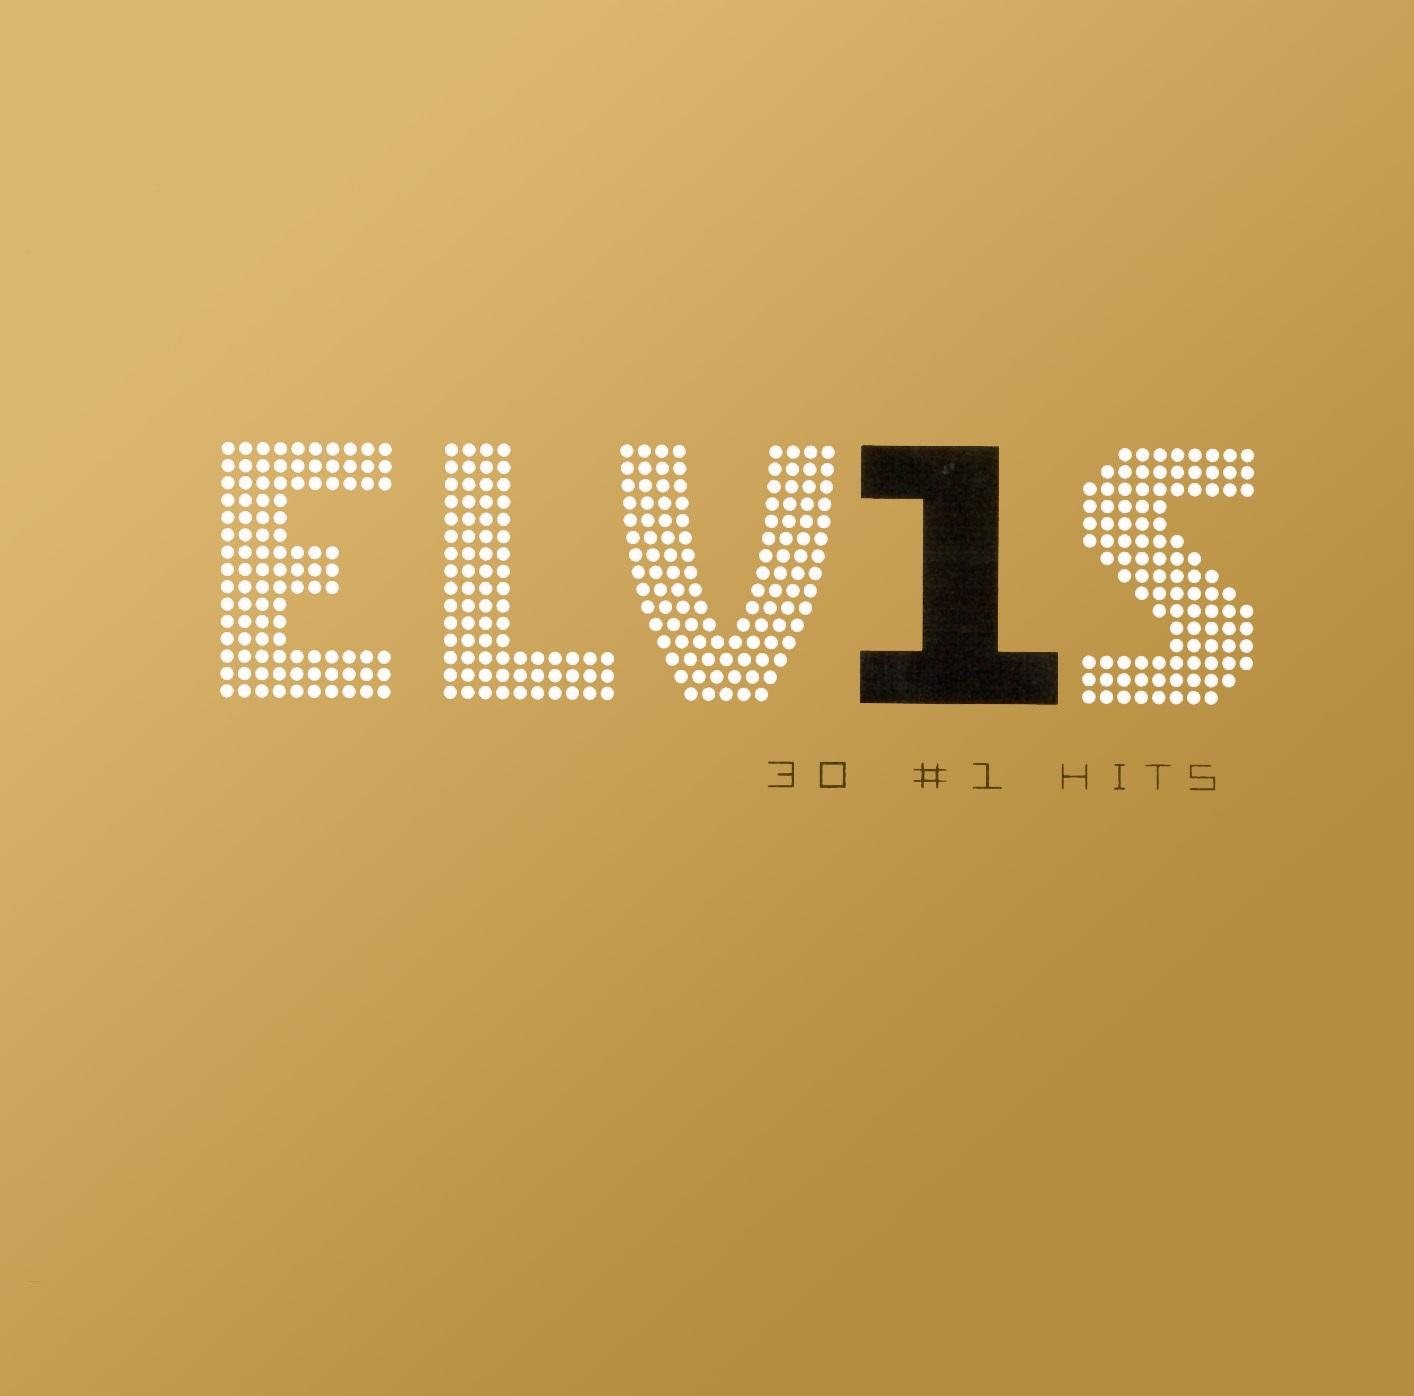 Elvis Presley: 30 #1 Hits (CD) cd диск presley elvis elvis sings 1 cd